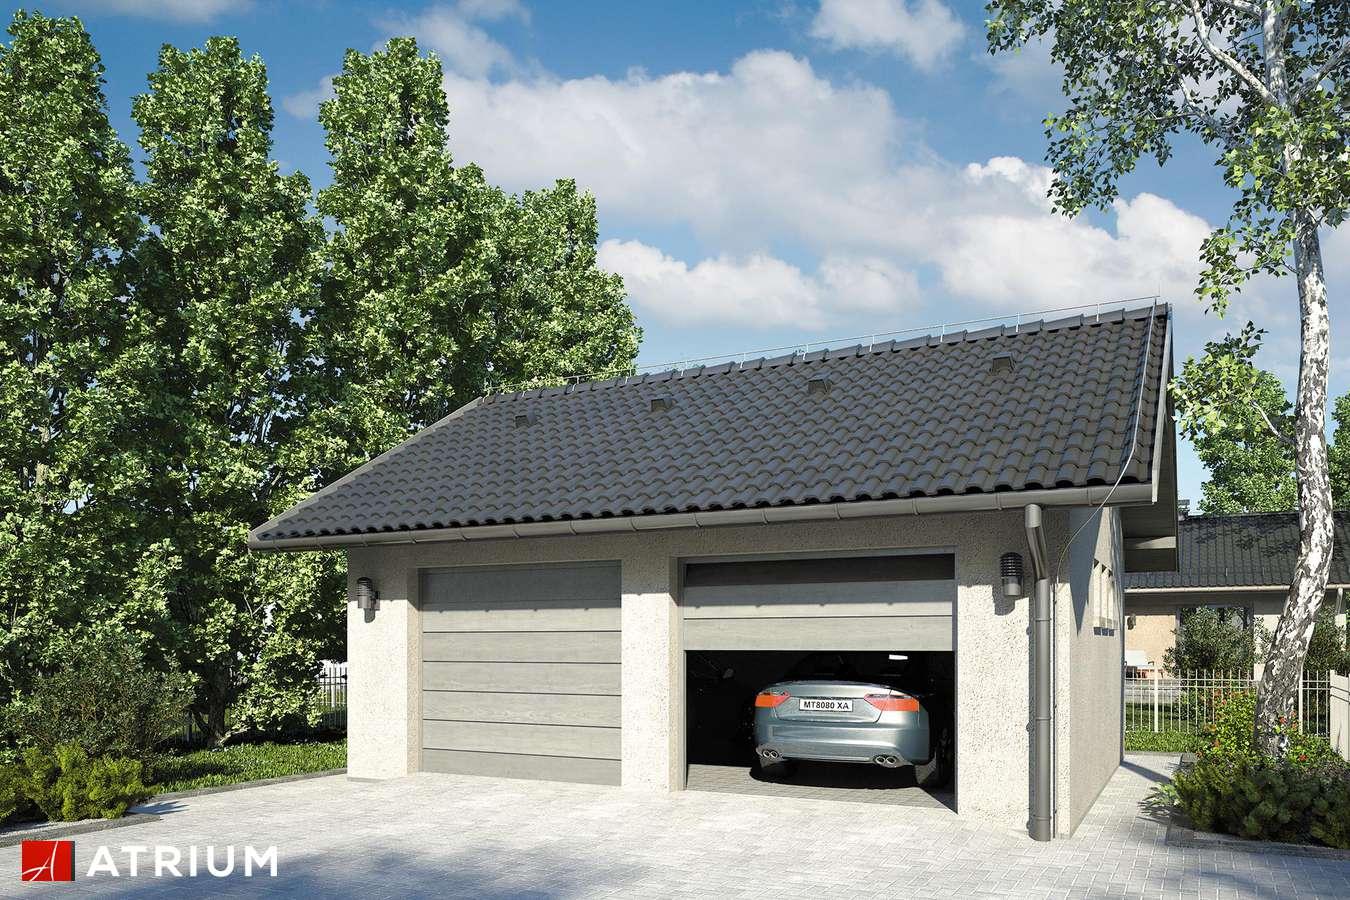 Garaż Z 10 - wizualizacja 1